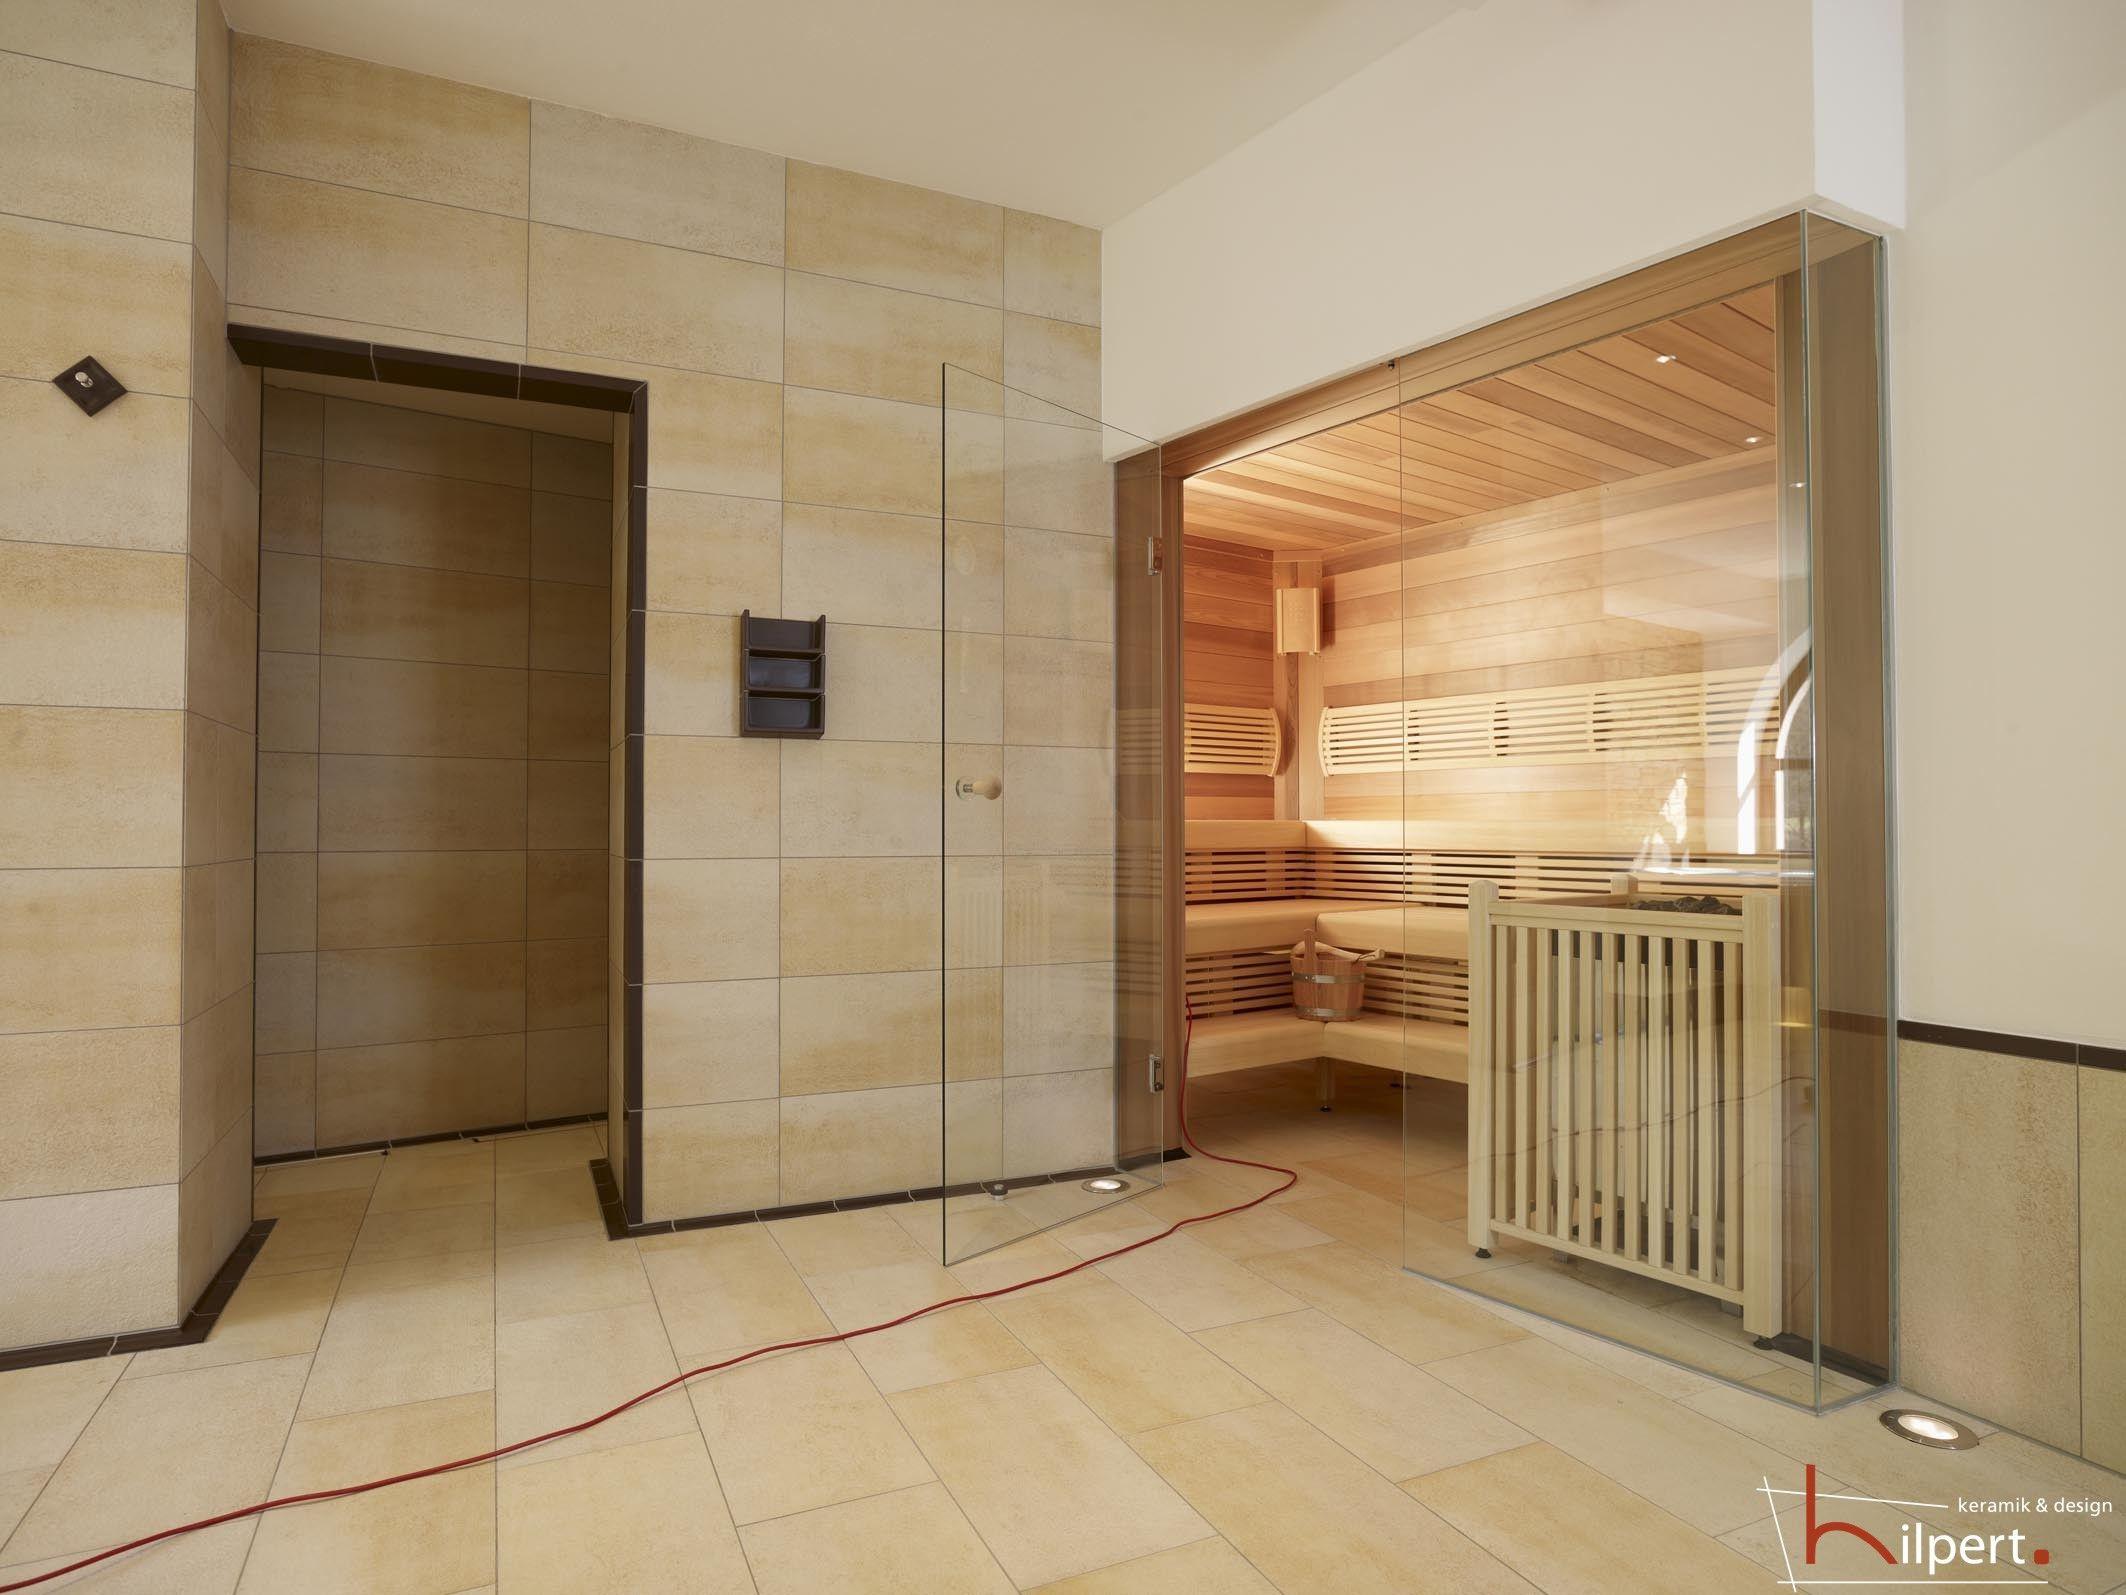 Schlosshotel Mespelbrunn Dusche Sauna Hotel Spa Hotel Schloss